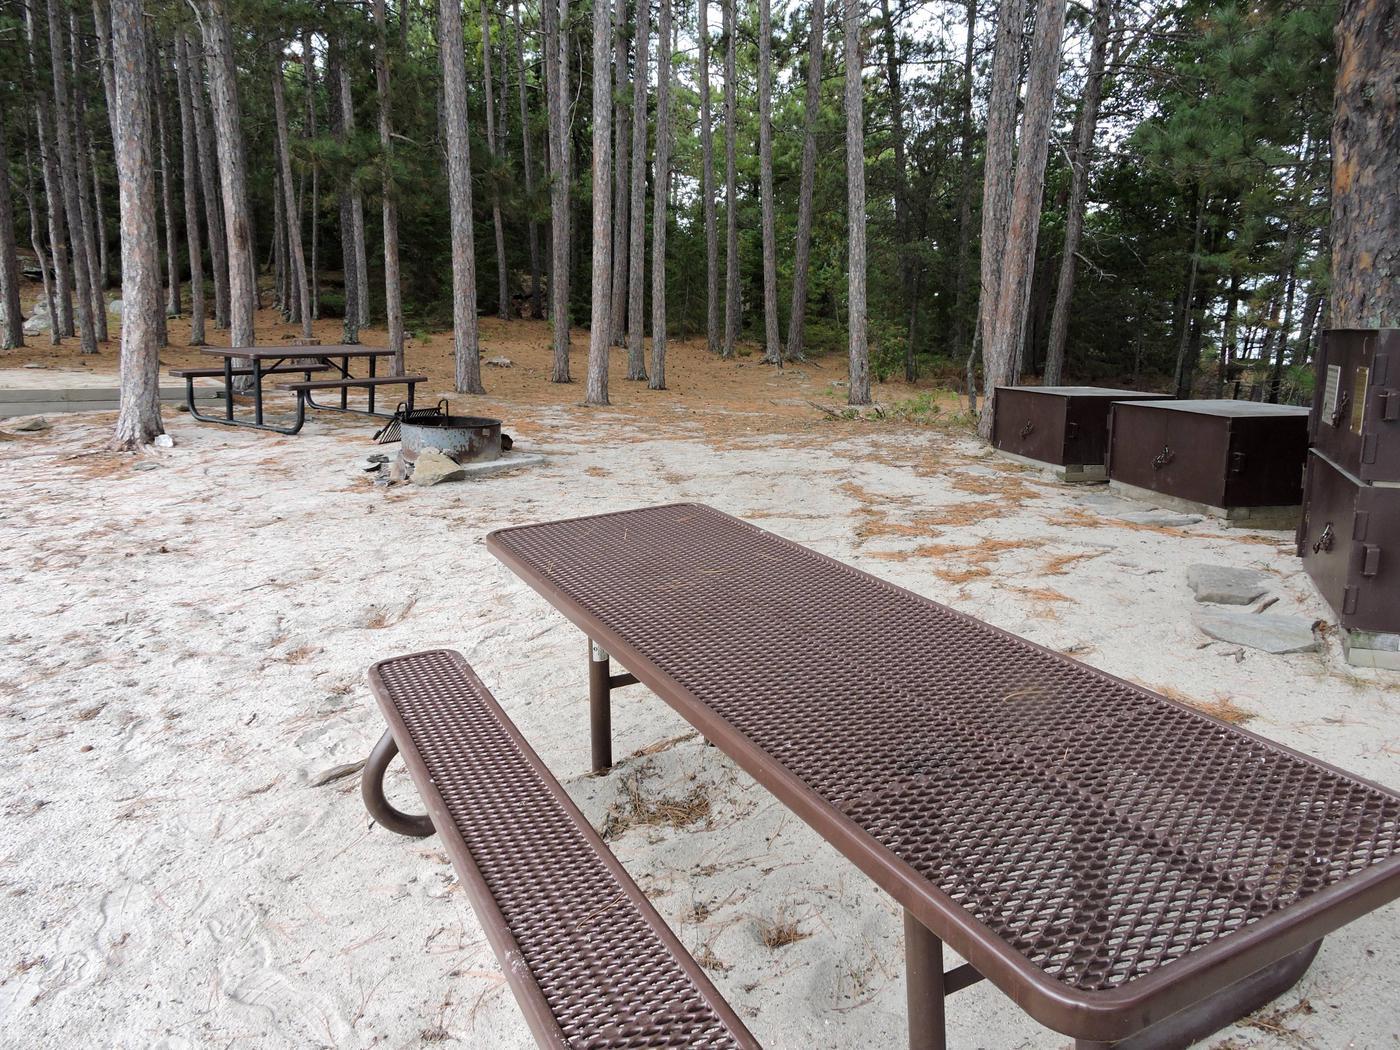 R106 - Shelland IslandView of campsite